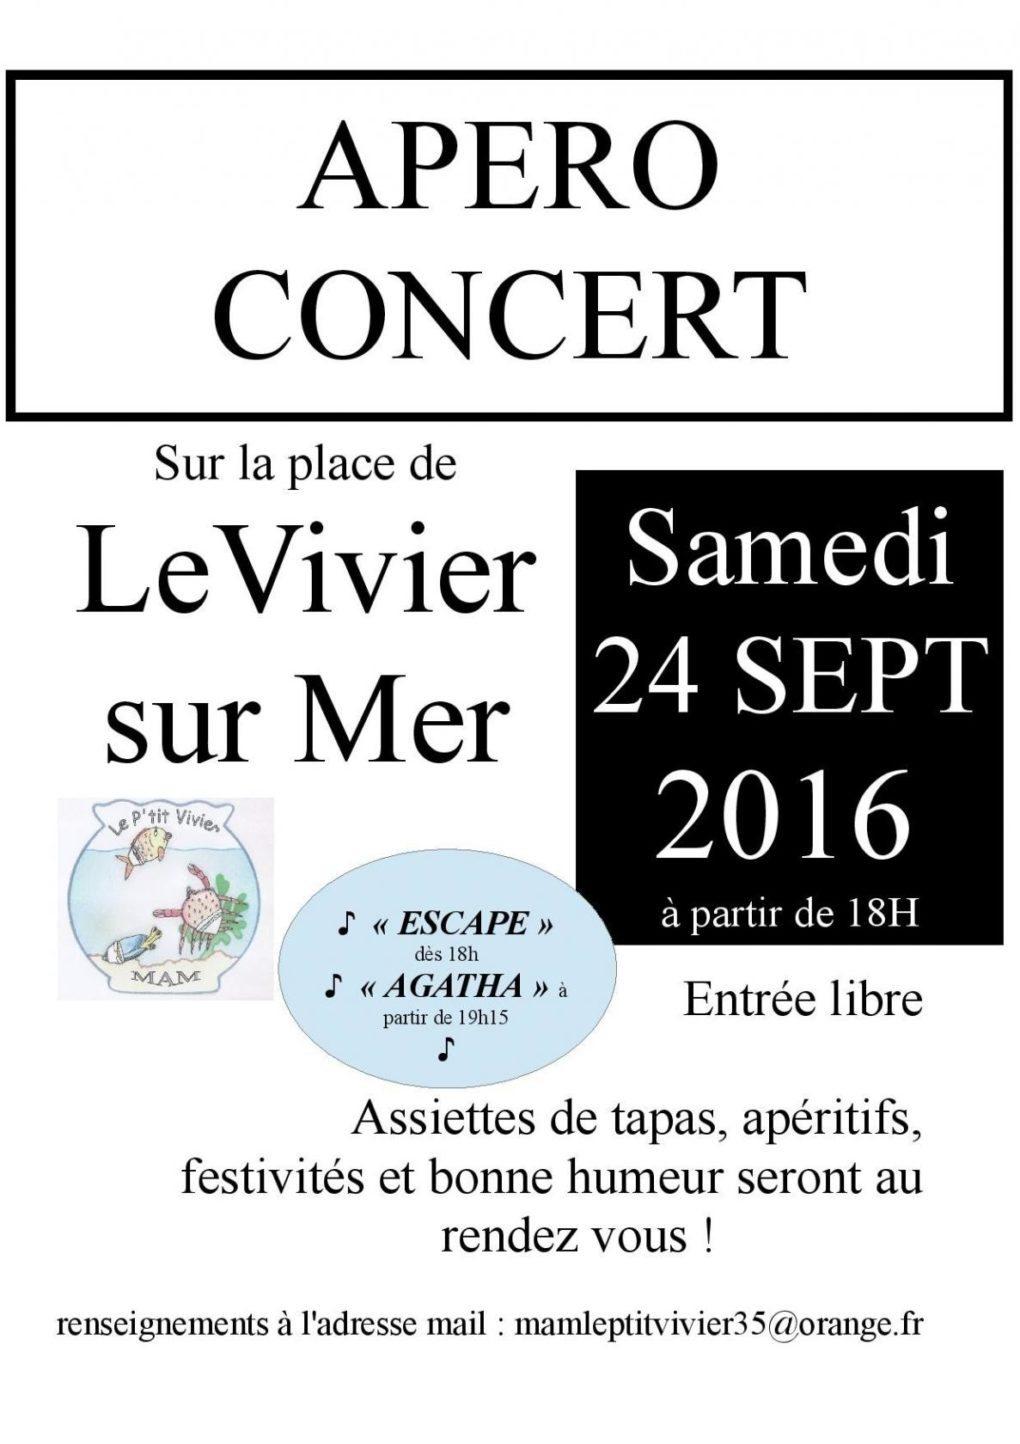 Apéro concert : Agatha, Escape Le Vivier-sur-Mer